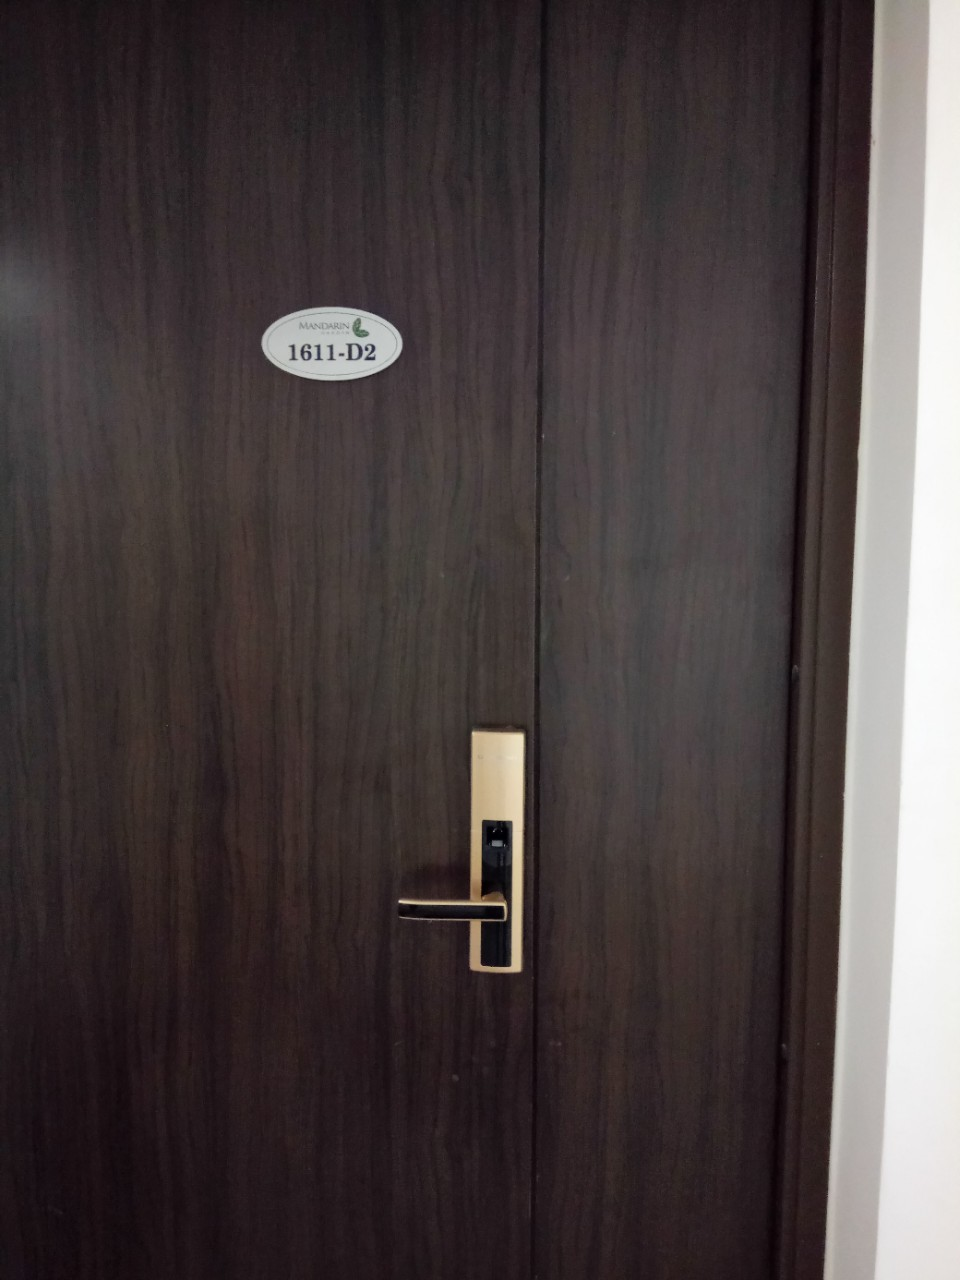 khóa cửa dessmann S510 vàng - Mandarin Hòa phát